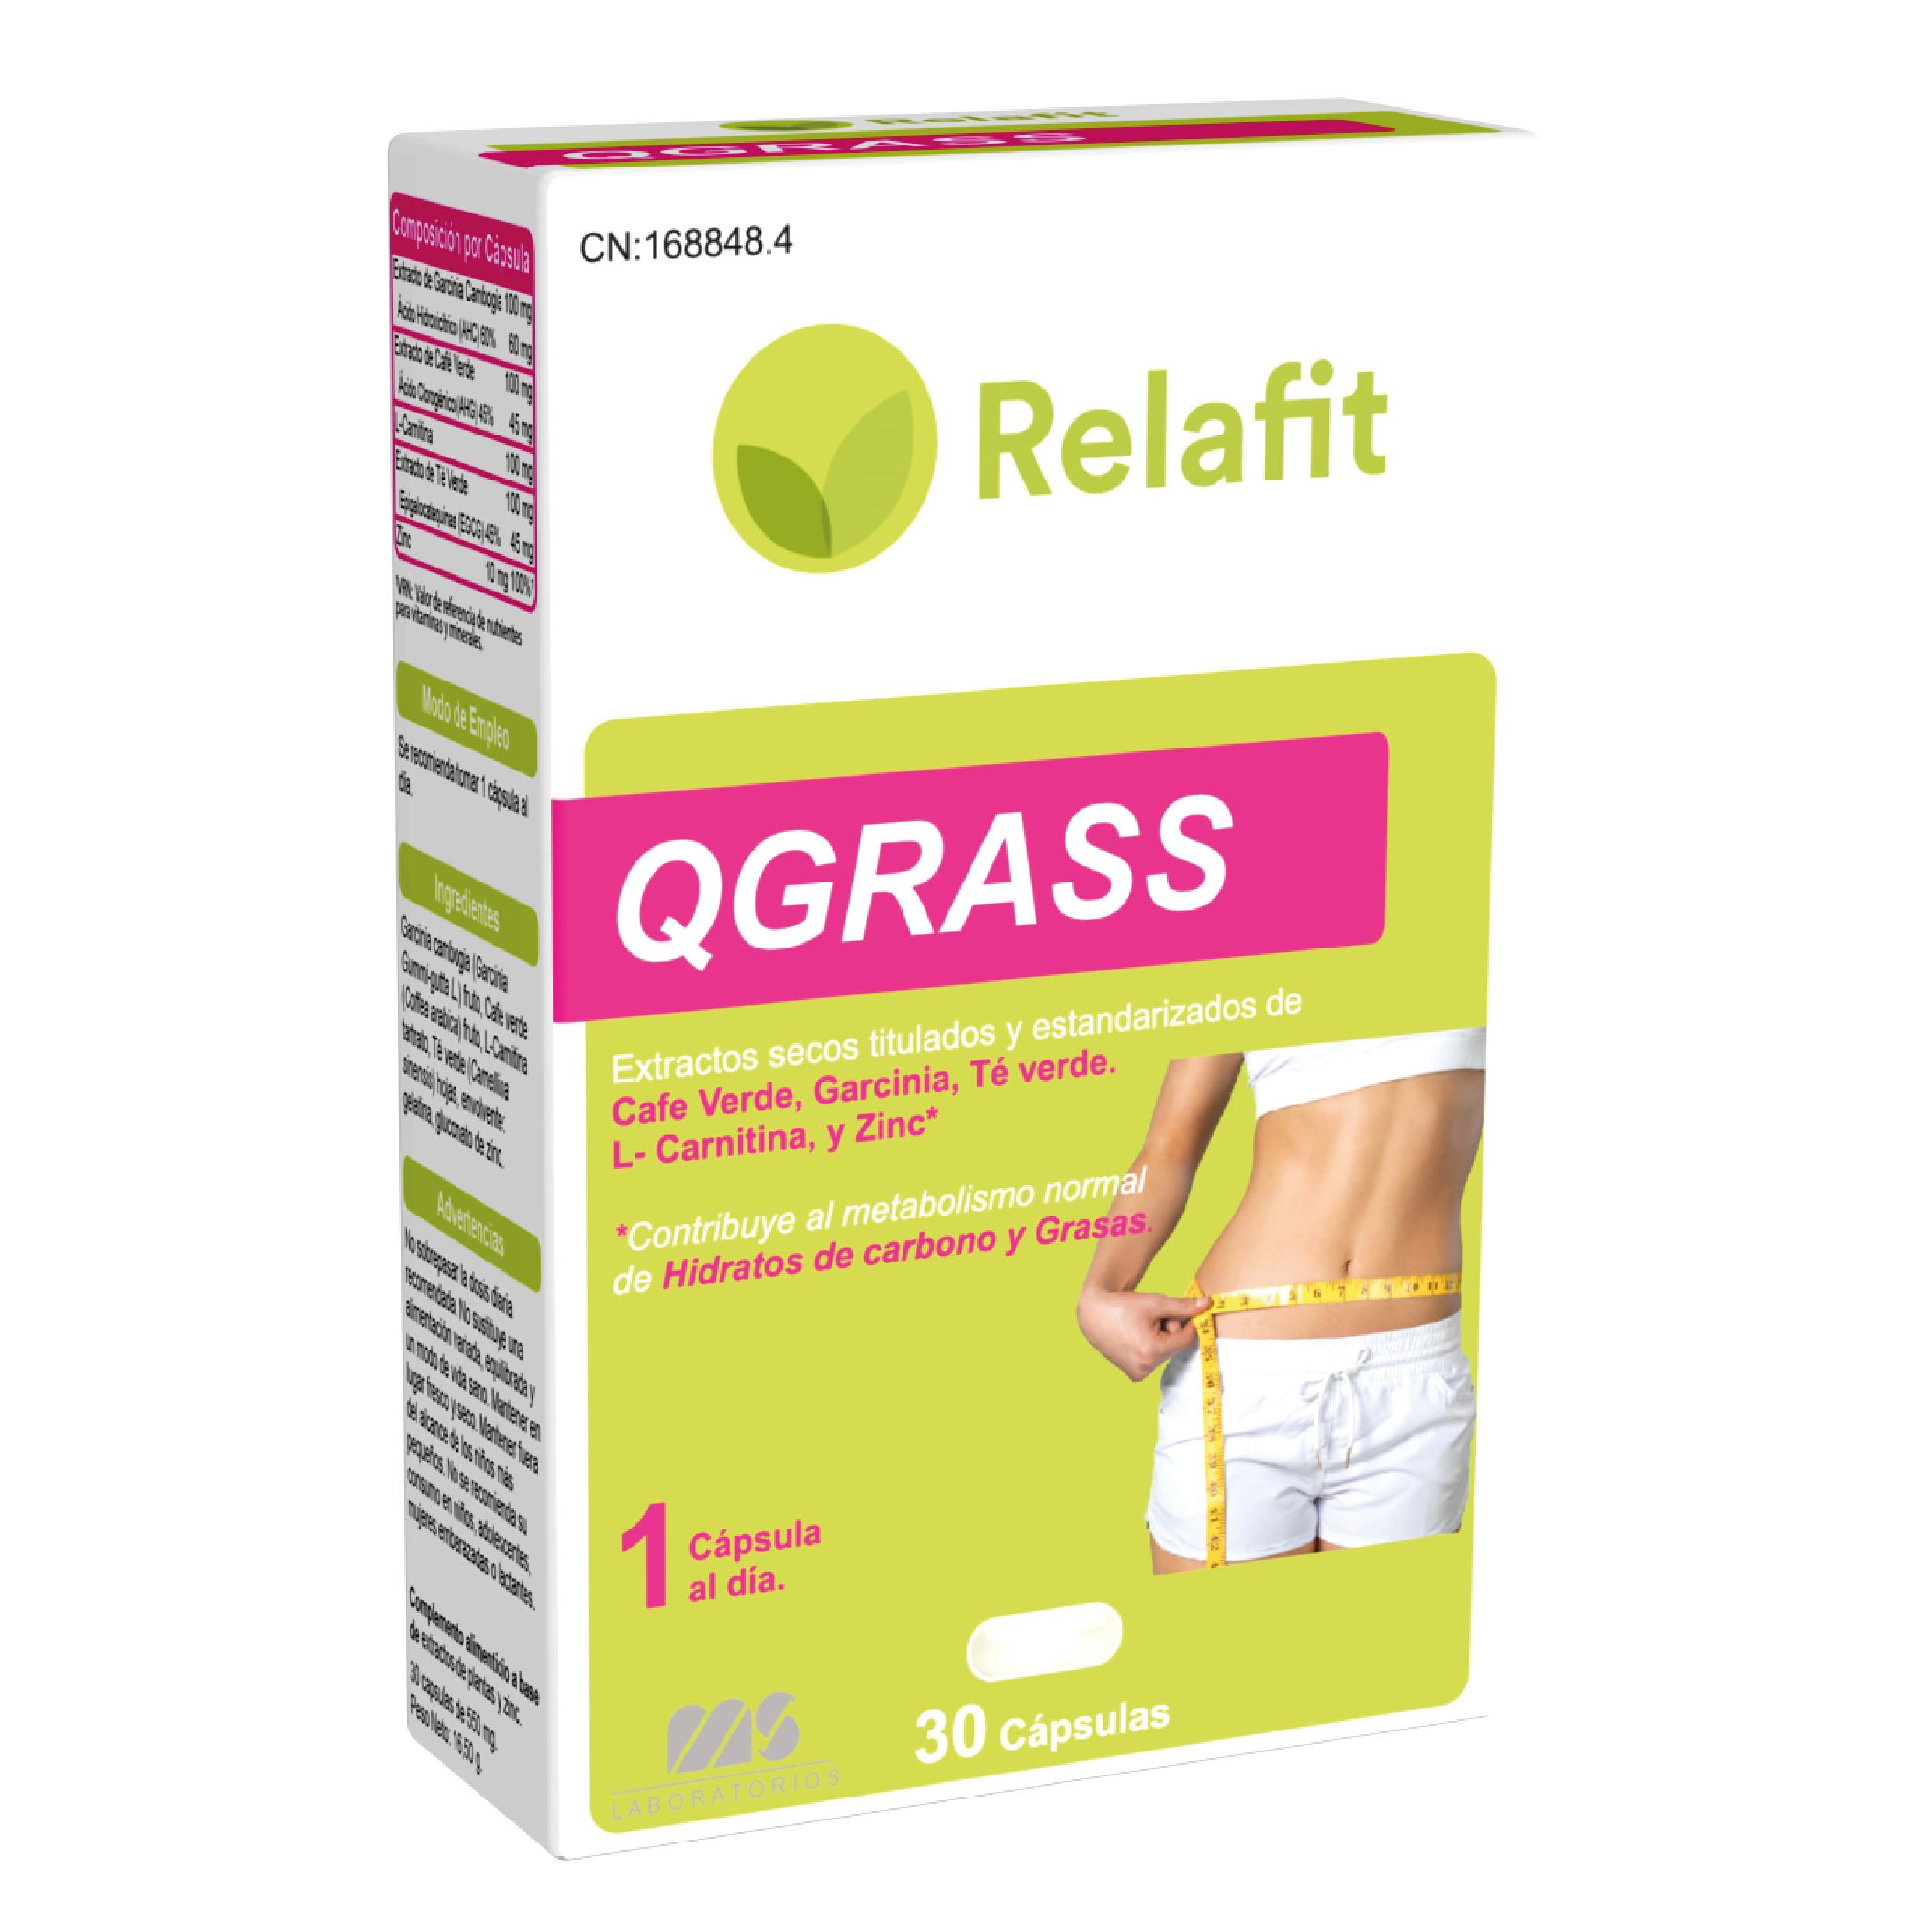 qgrass